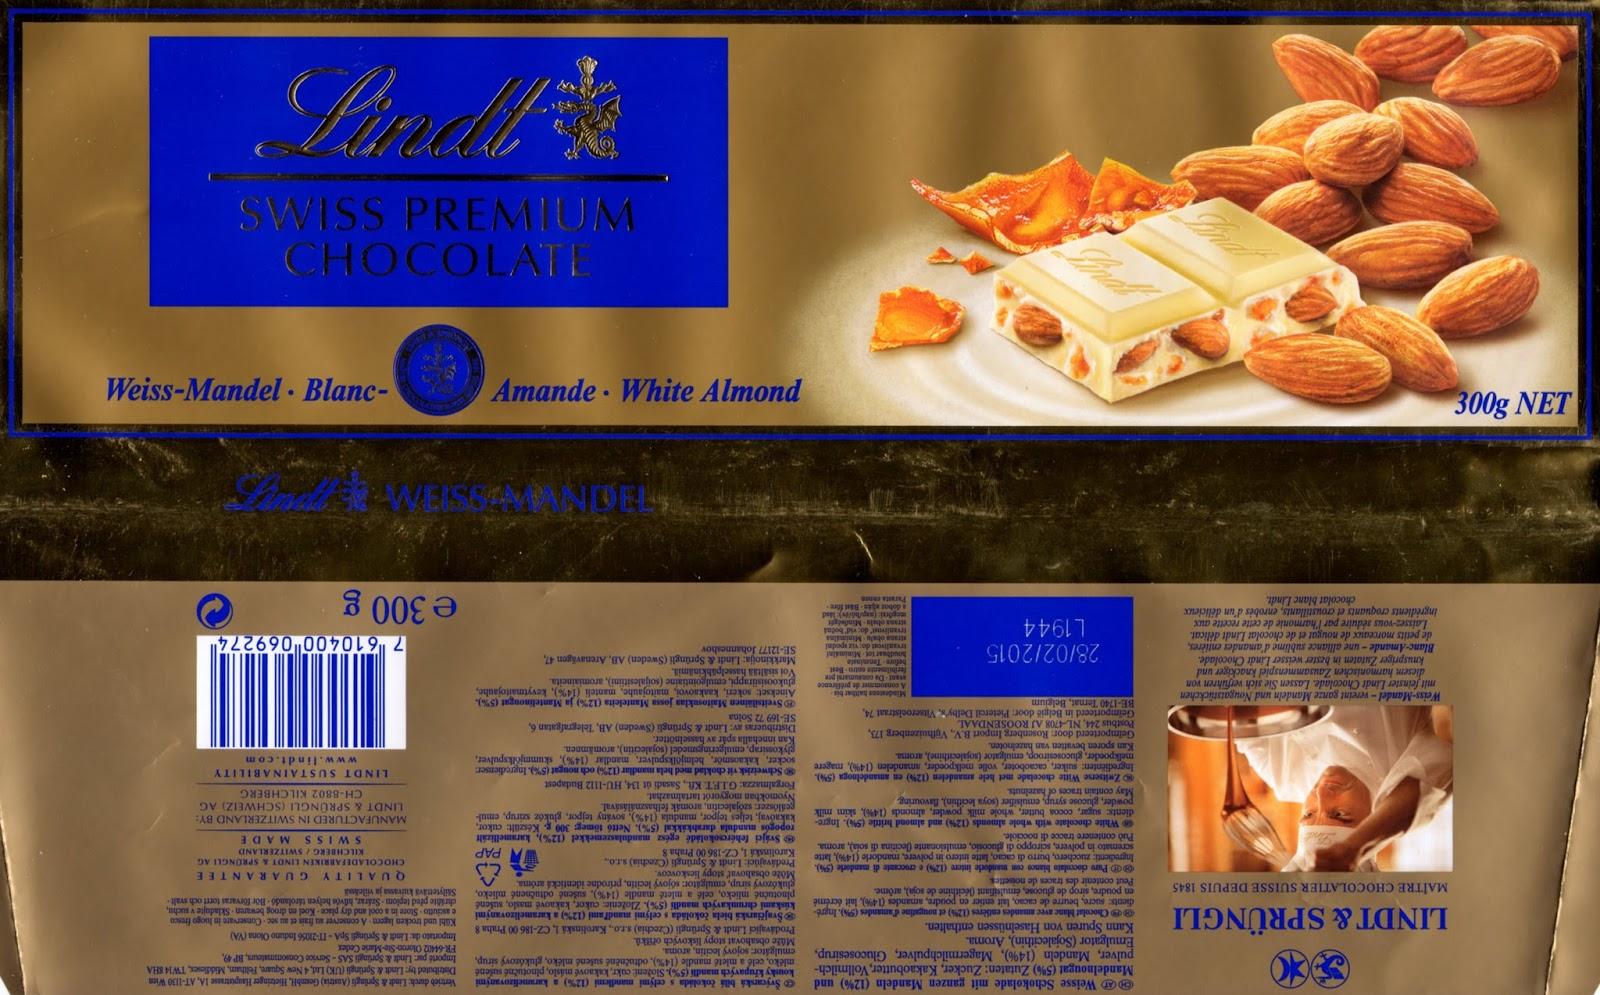 tablette de chocolat blanc gourmand lindt blanc amandes entières et nougatine d'amande